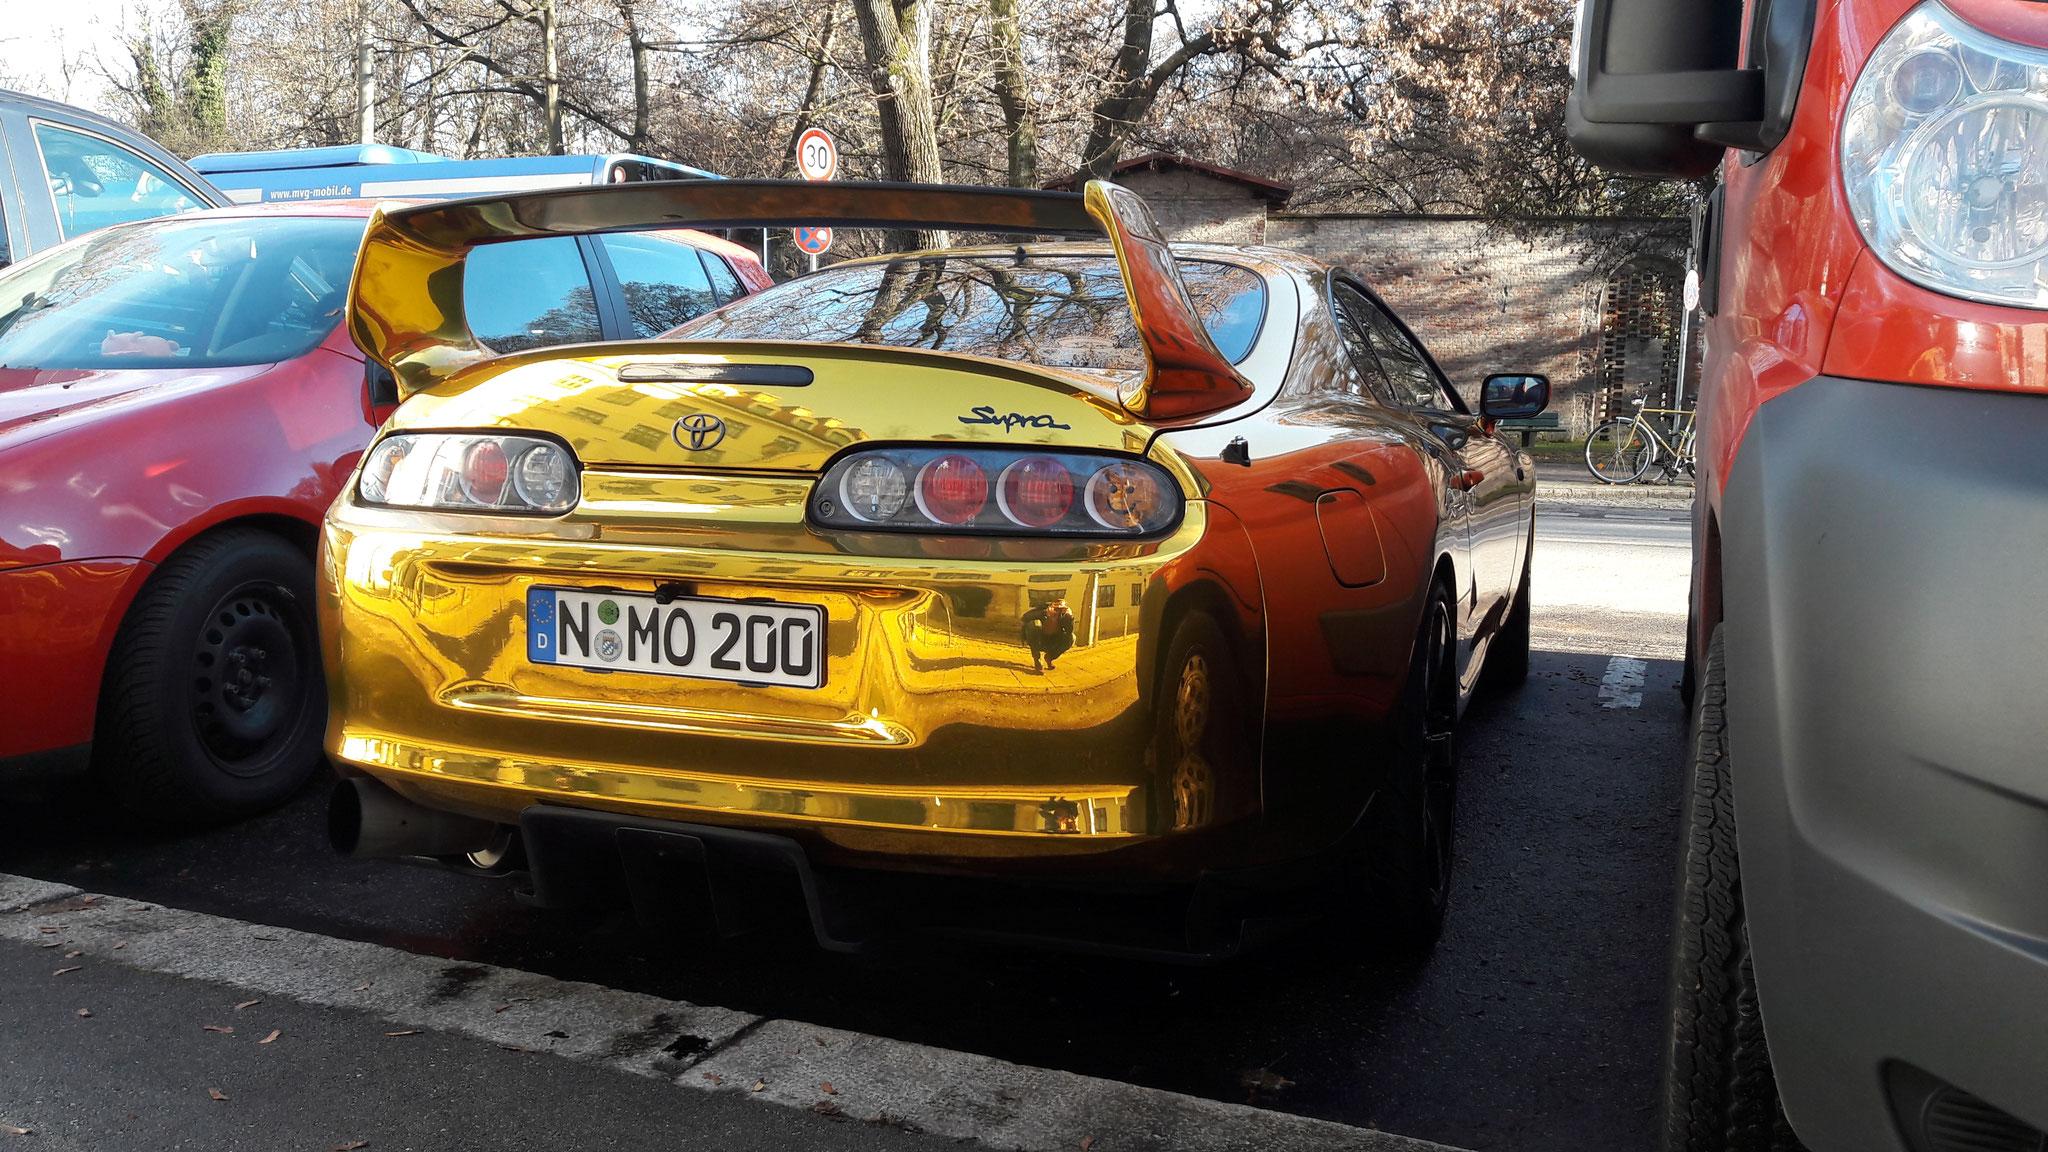 Toyota Supra (>1000PS) - N-MO-200